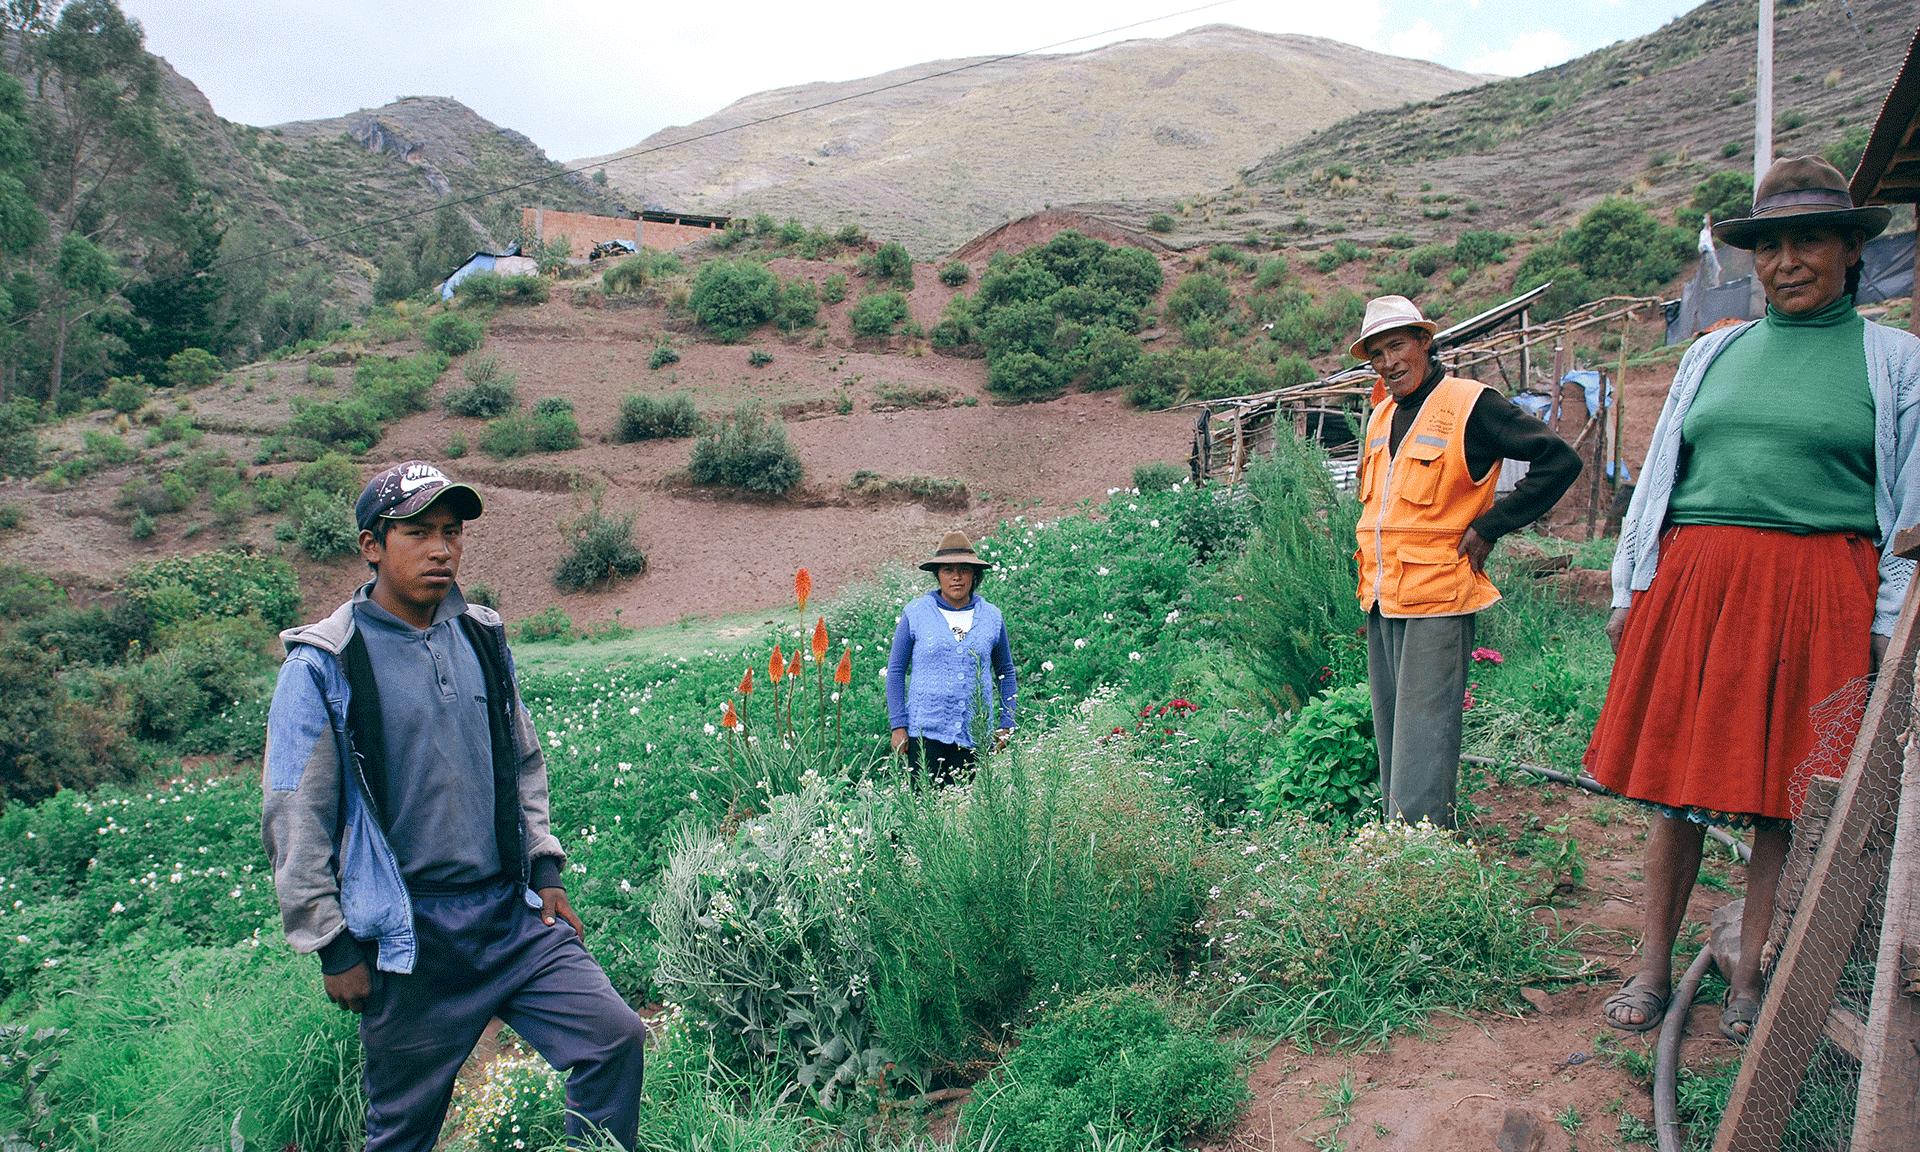 La población andina de Perú recupera su orgullo quechua